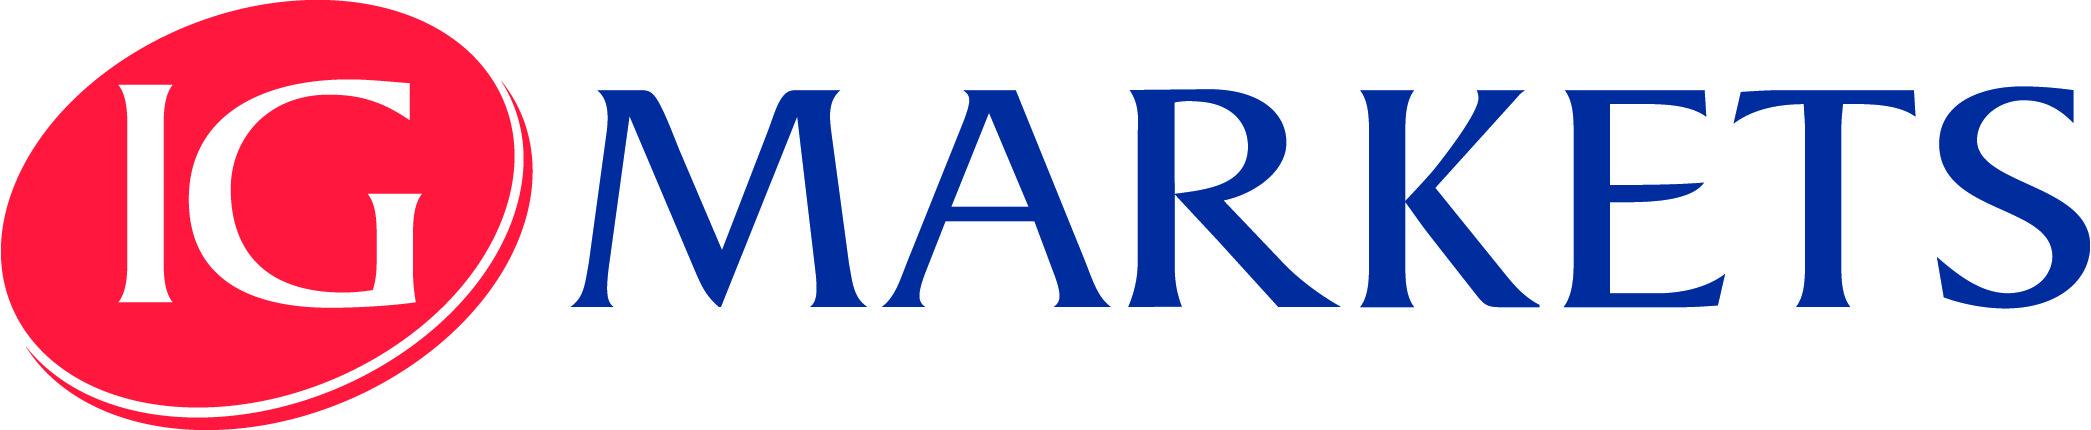 IG-Markets-logo